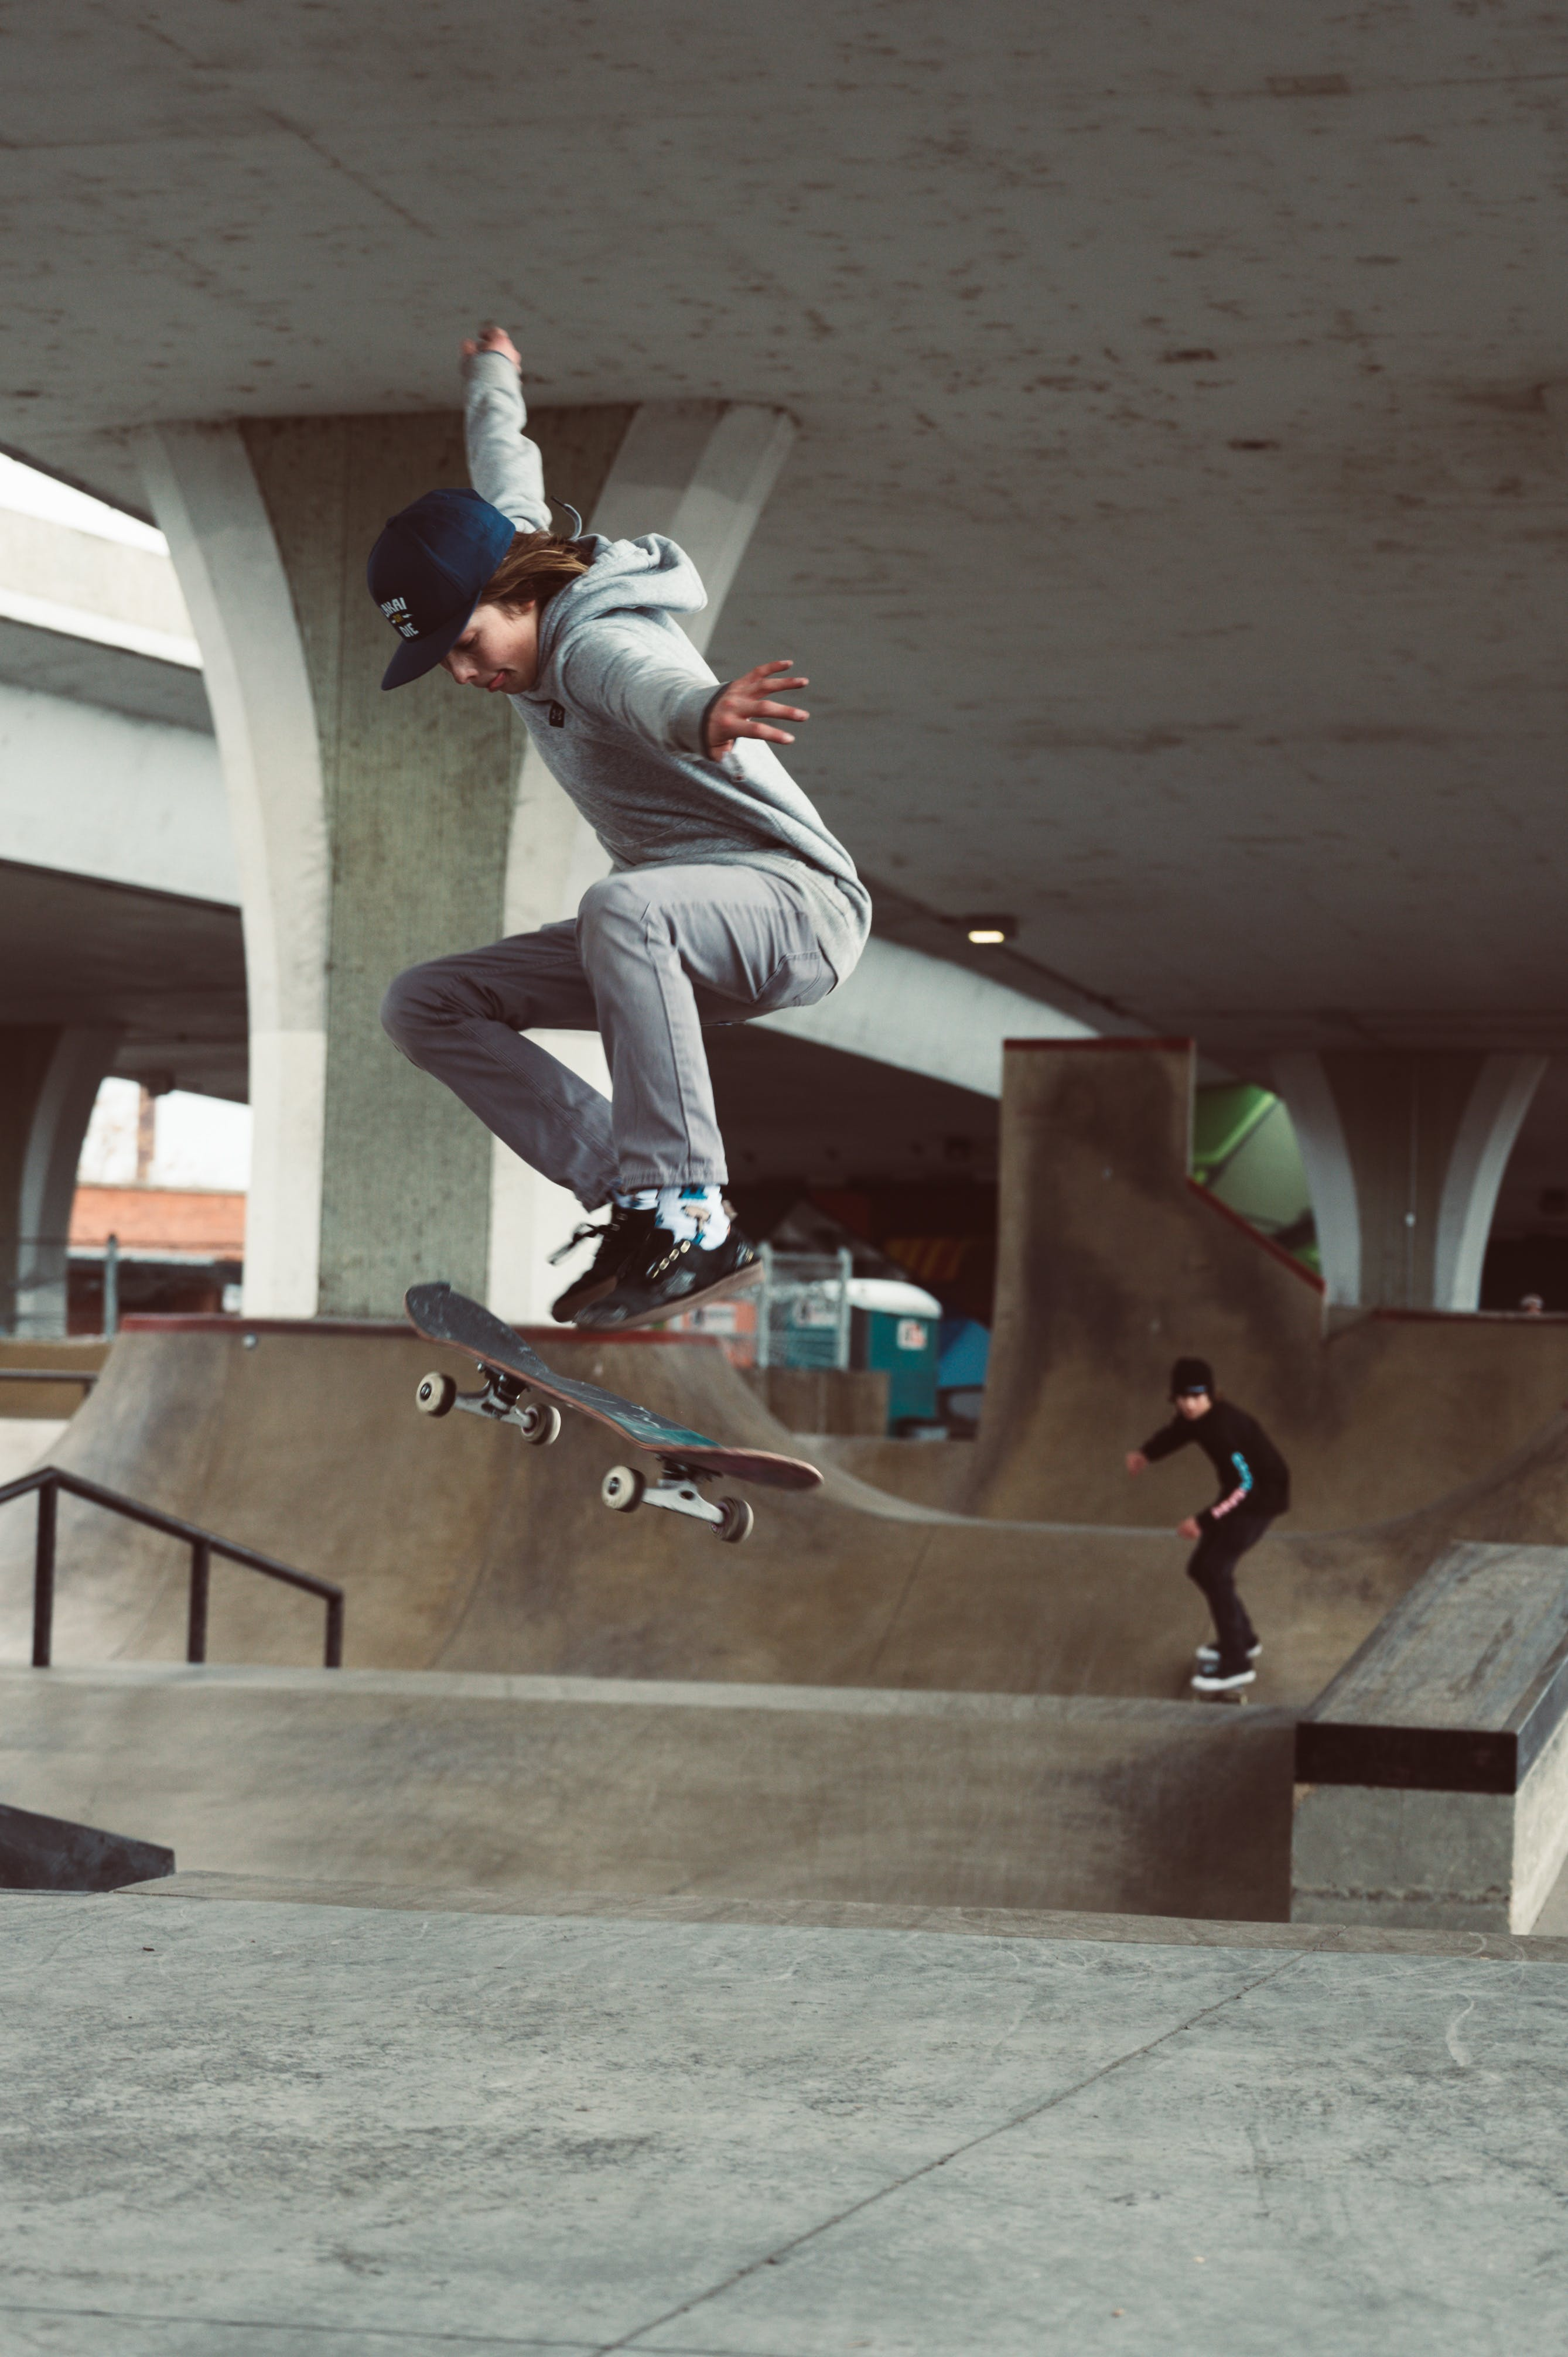 Selective Focus Photography Of Man Riding Skateboard Doing Kick Flip